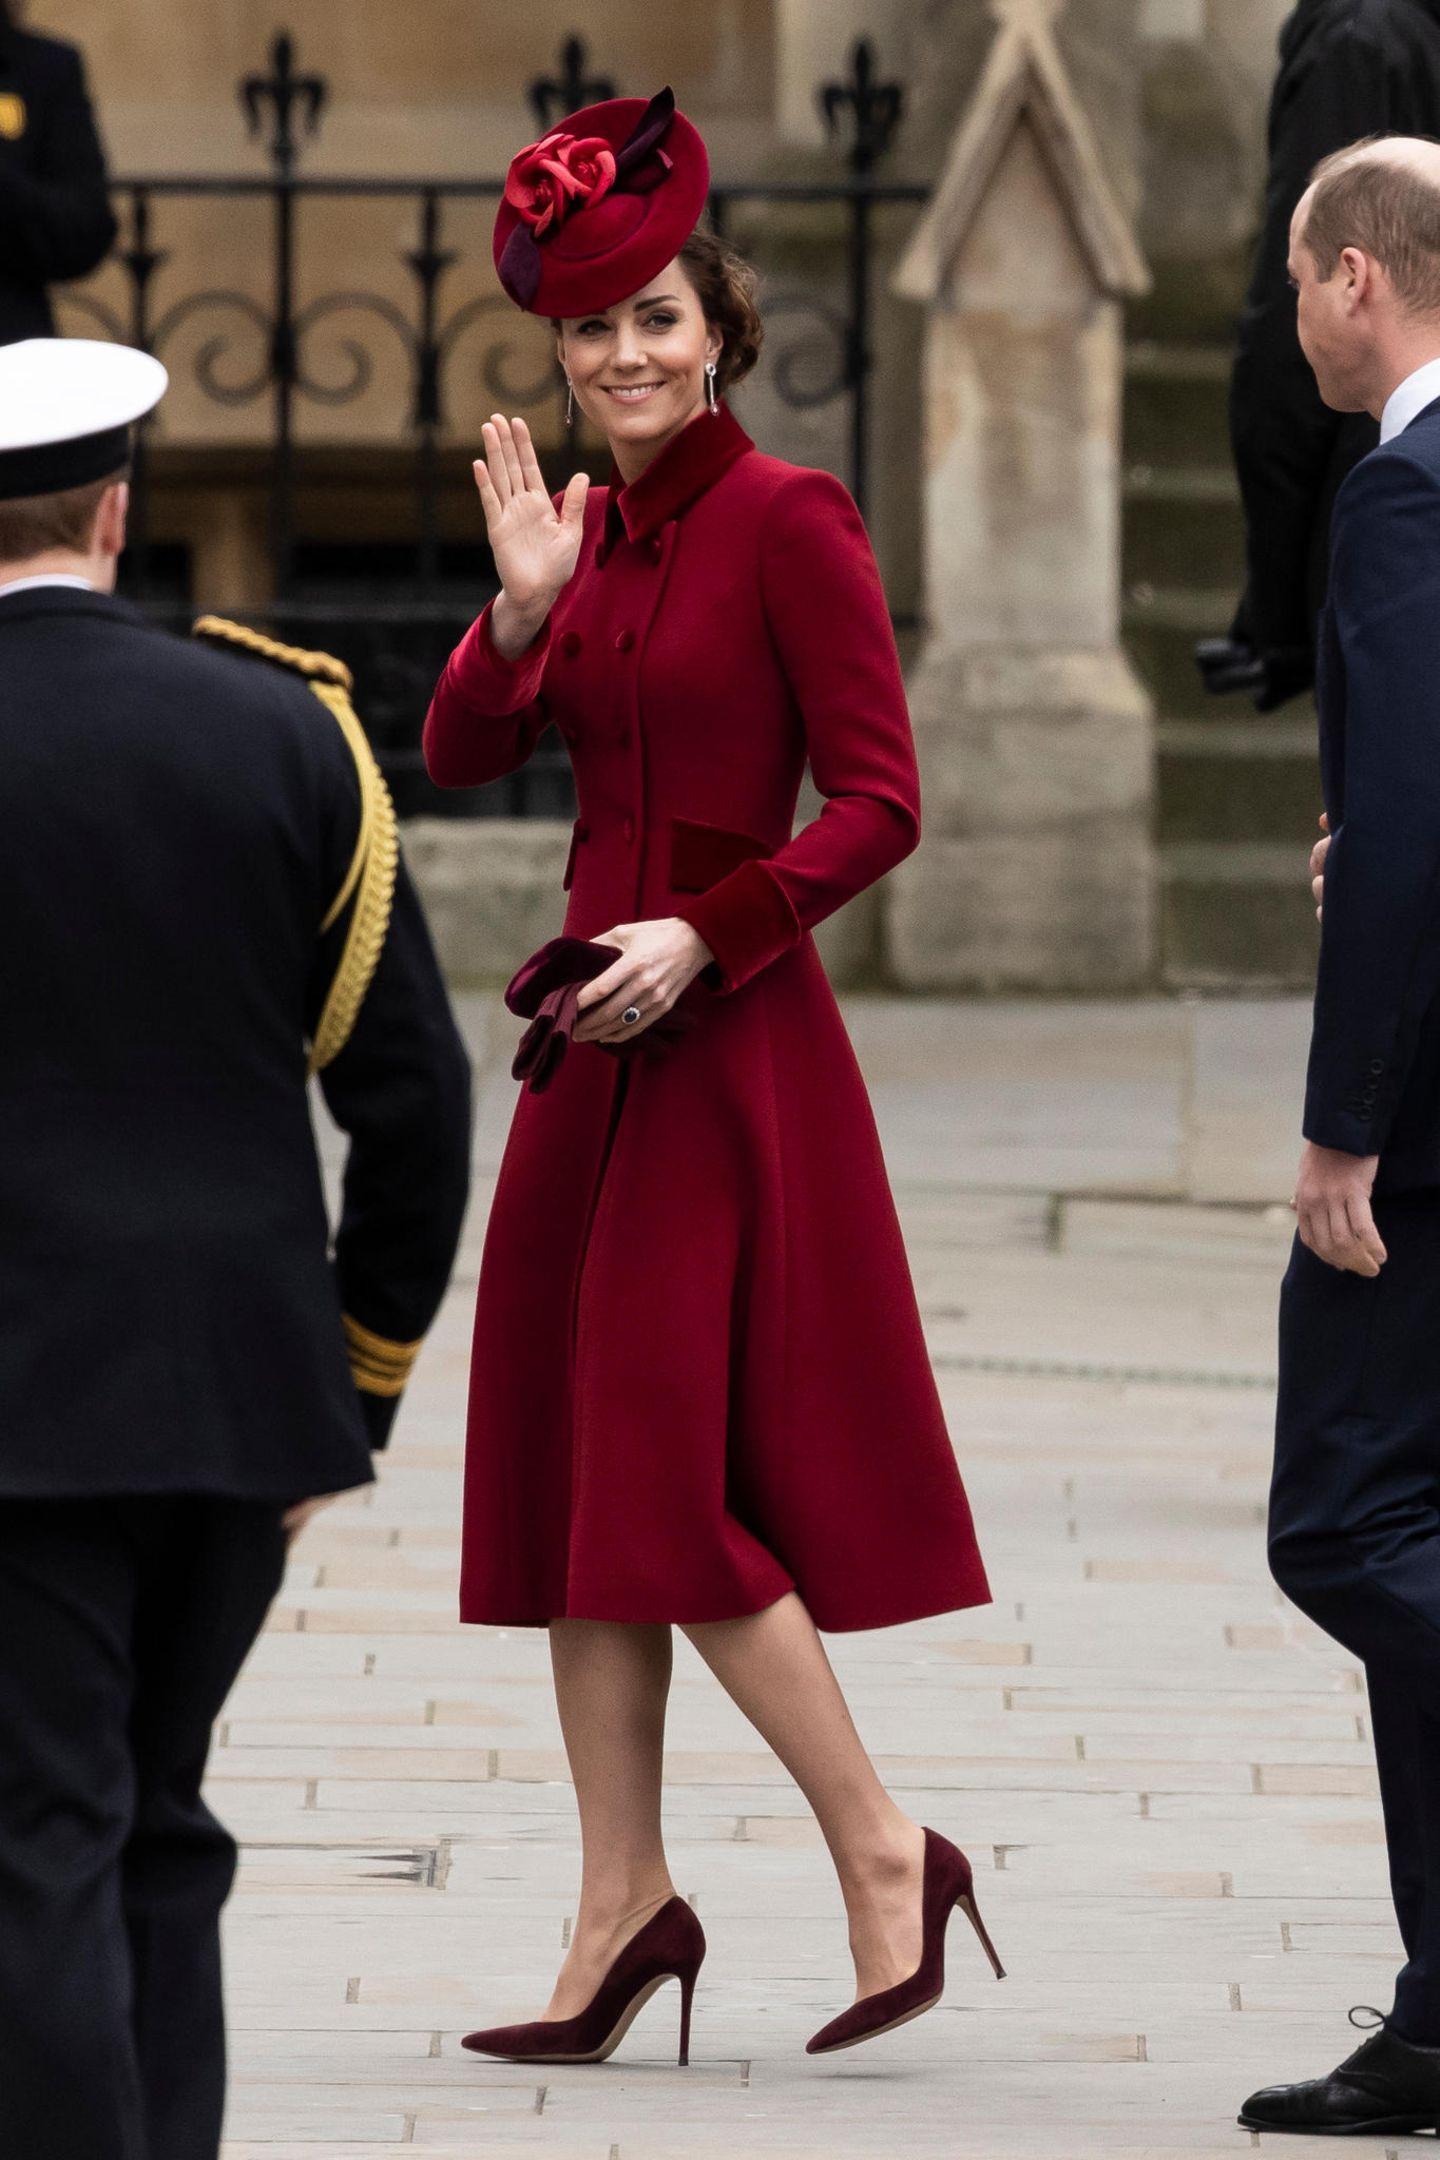 Meghan Markle: Herzogin Kate winkt